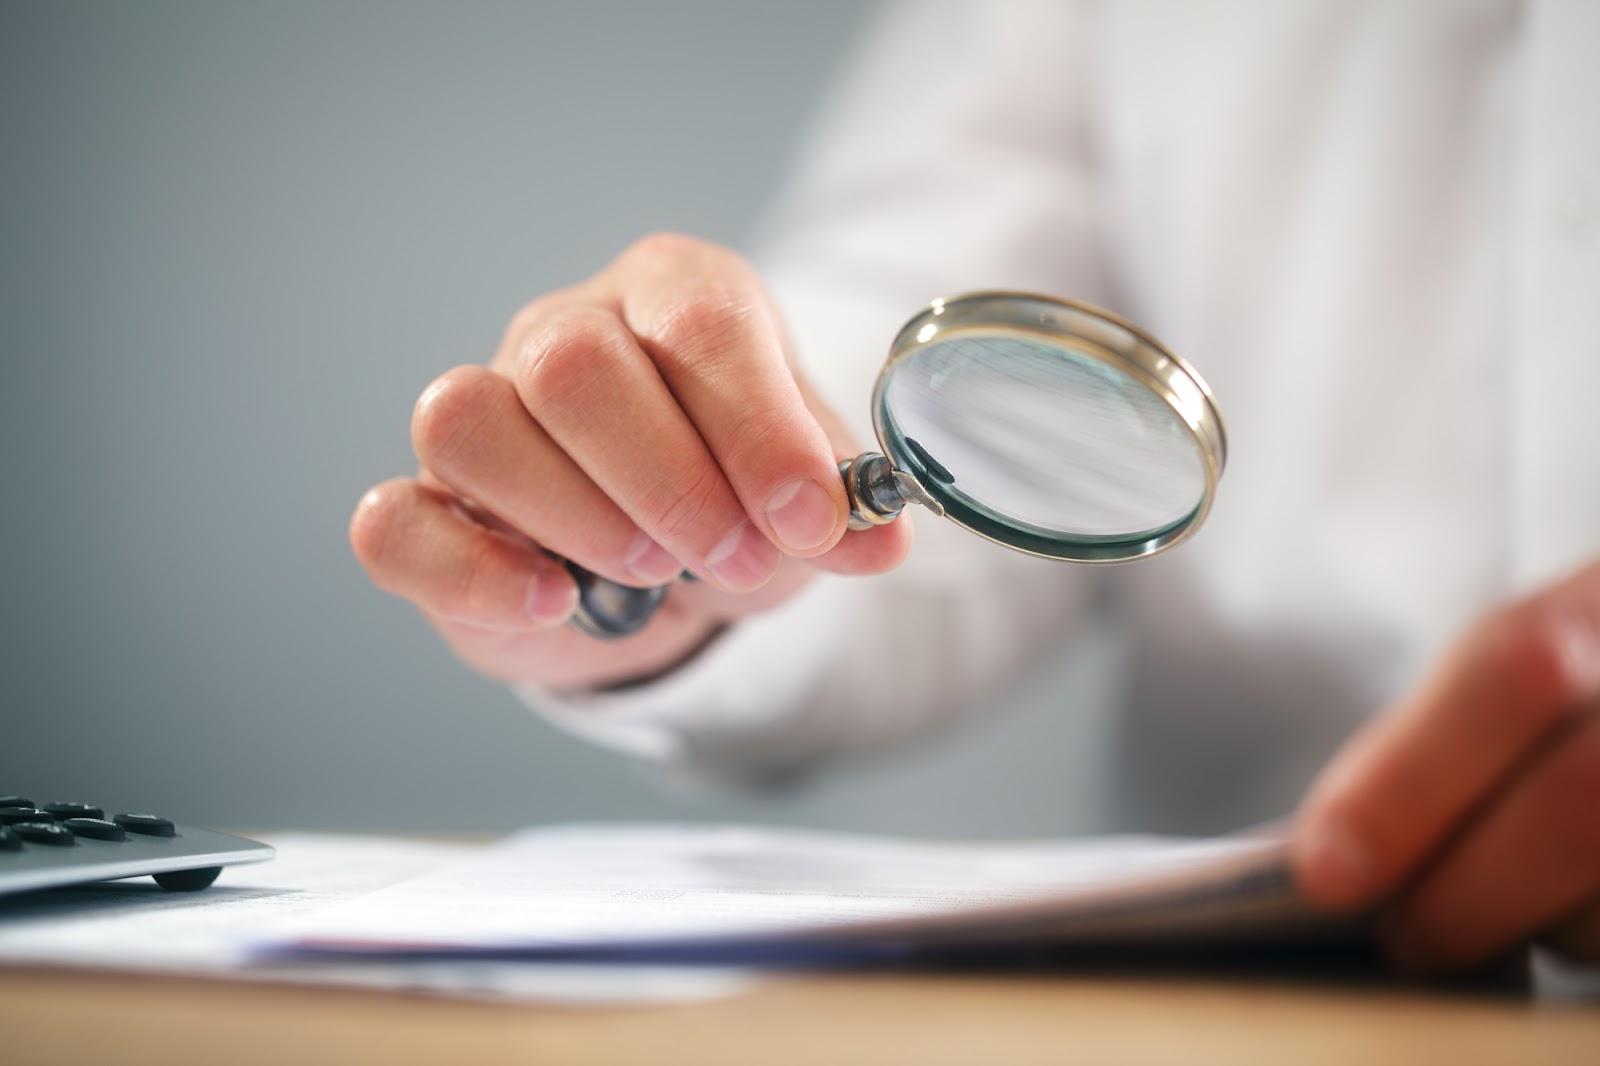 Як моніторити інформацію про постачальника?